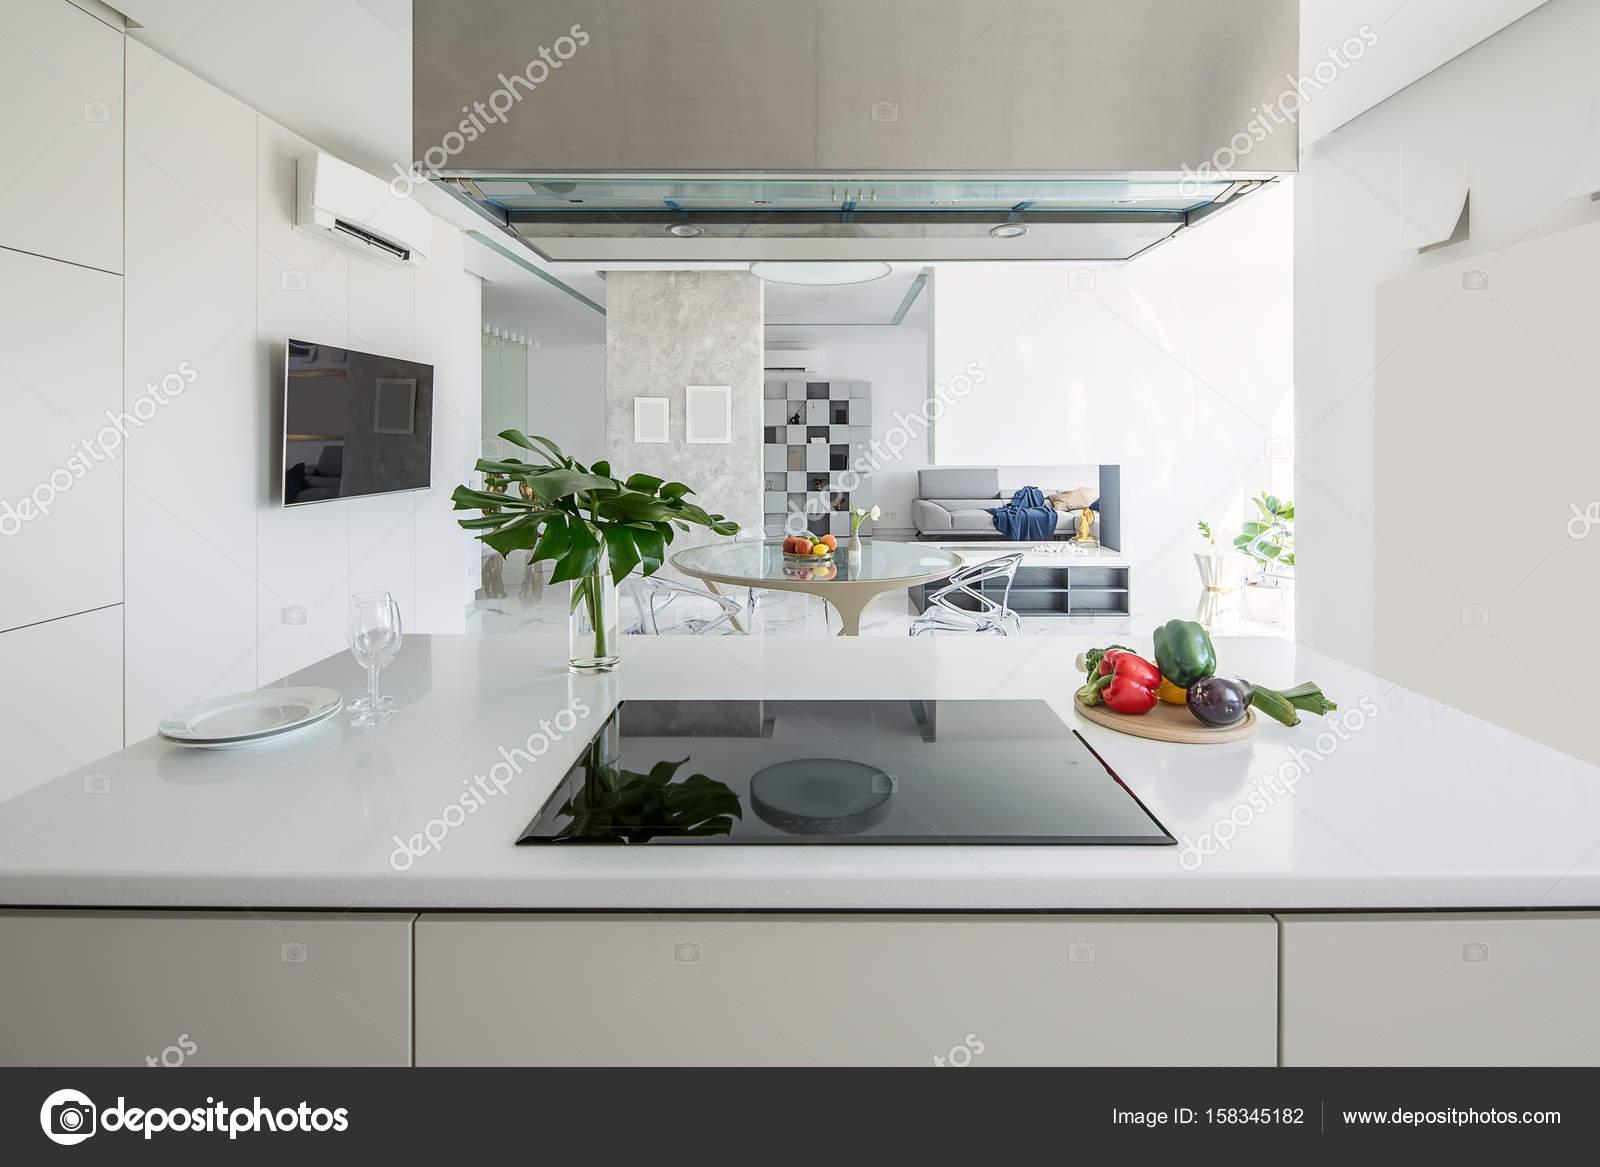 Cozinha Em Estilo Moderno Fotografias De Stock Bezikus 158345182